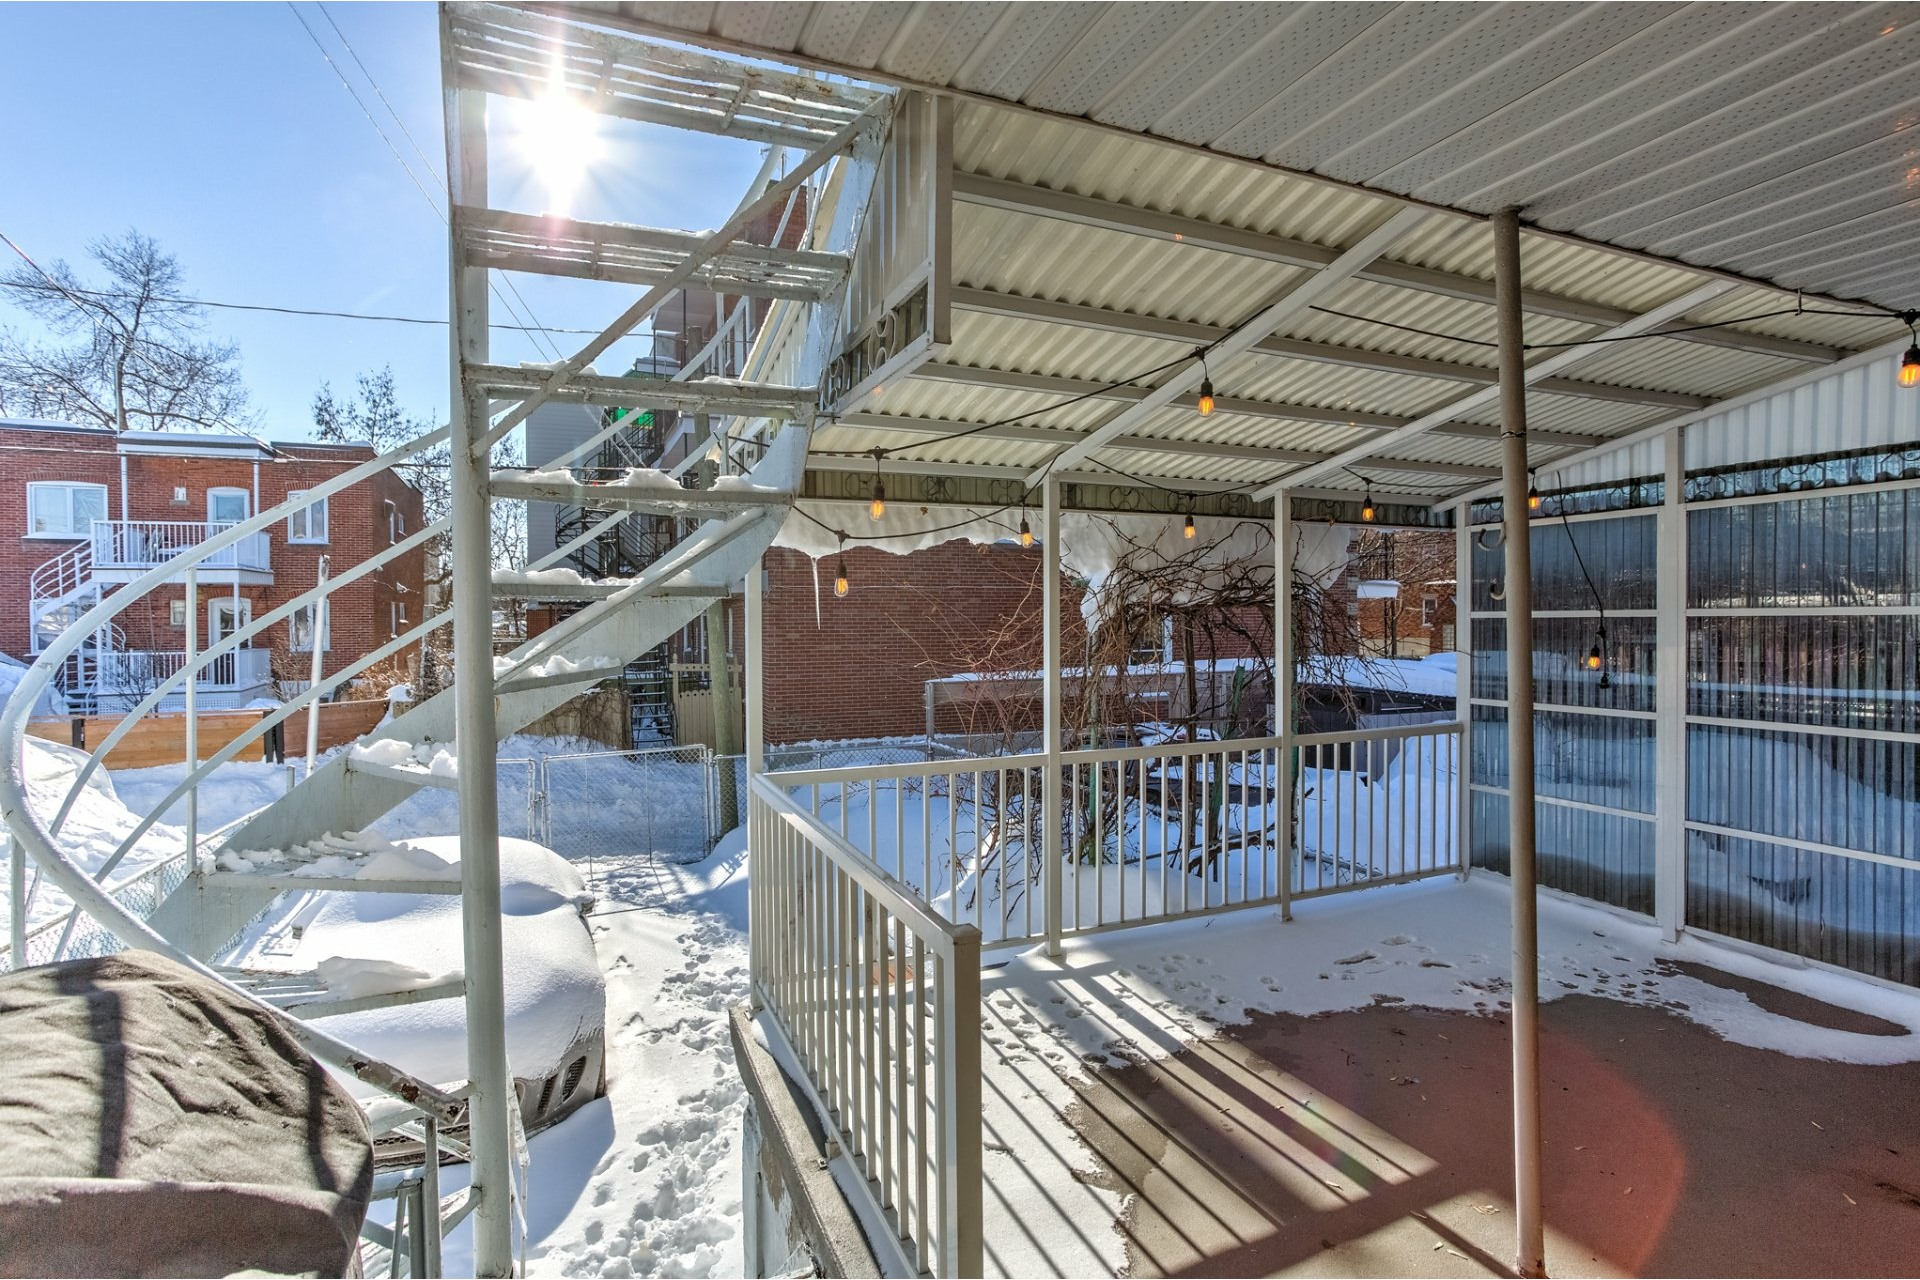 image 25 - Quadruplex À vendre Rosemont/La Petite-Patrie Montréal  - 5 pièces